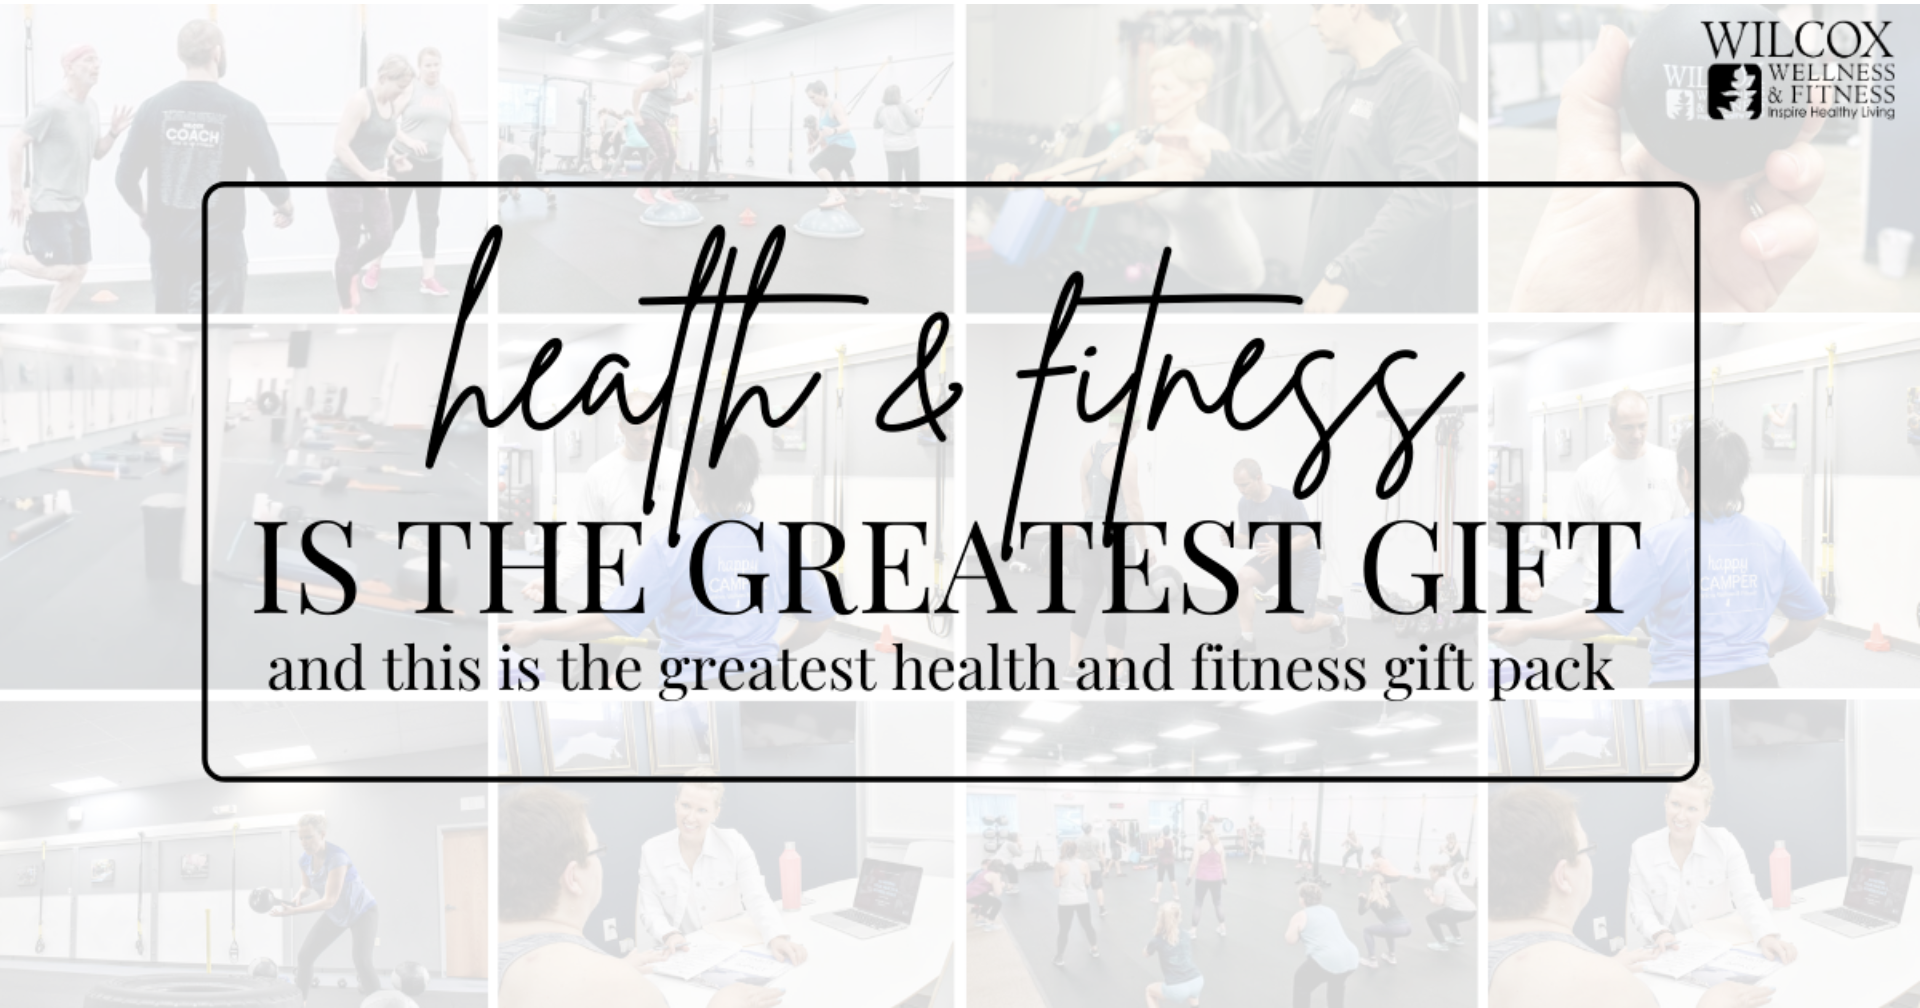 Wilcox Wellness & Fitness: FREE 2 week TRIAL program